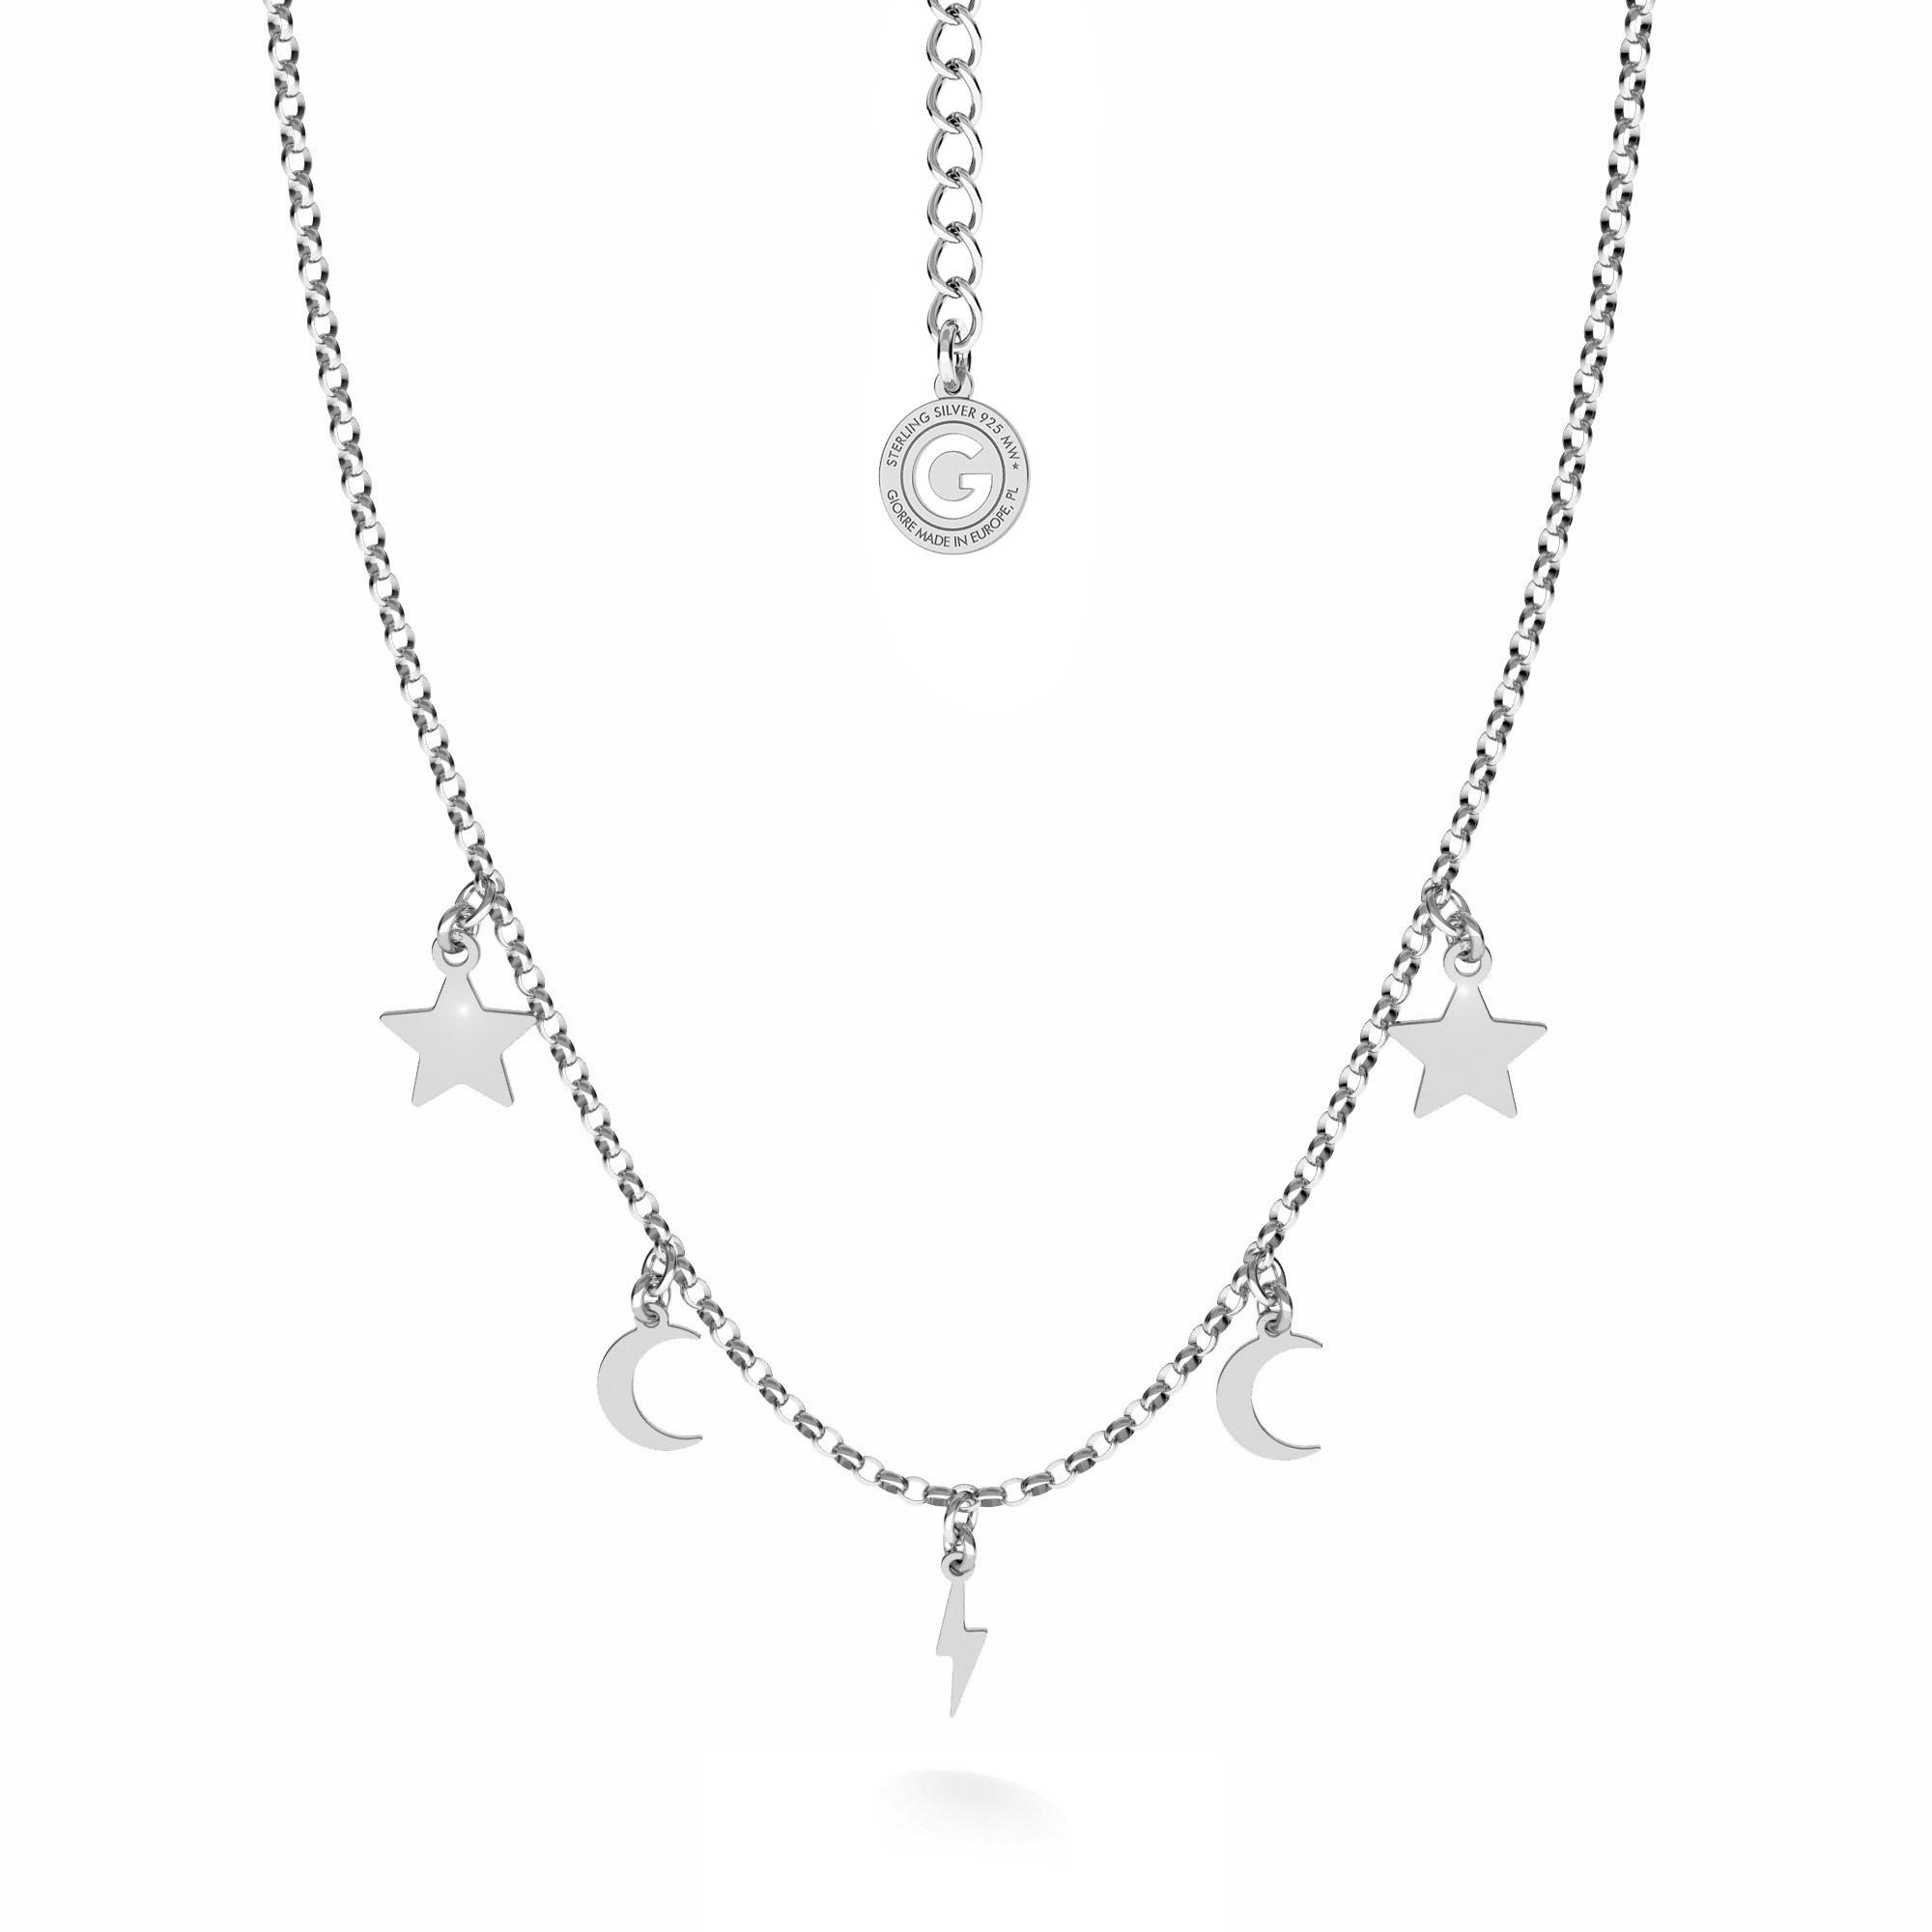 Srebrny naszyjnik z małymi blaszkami gwiazdki, księżyce, piorun MON DÉFI, srebro 925